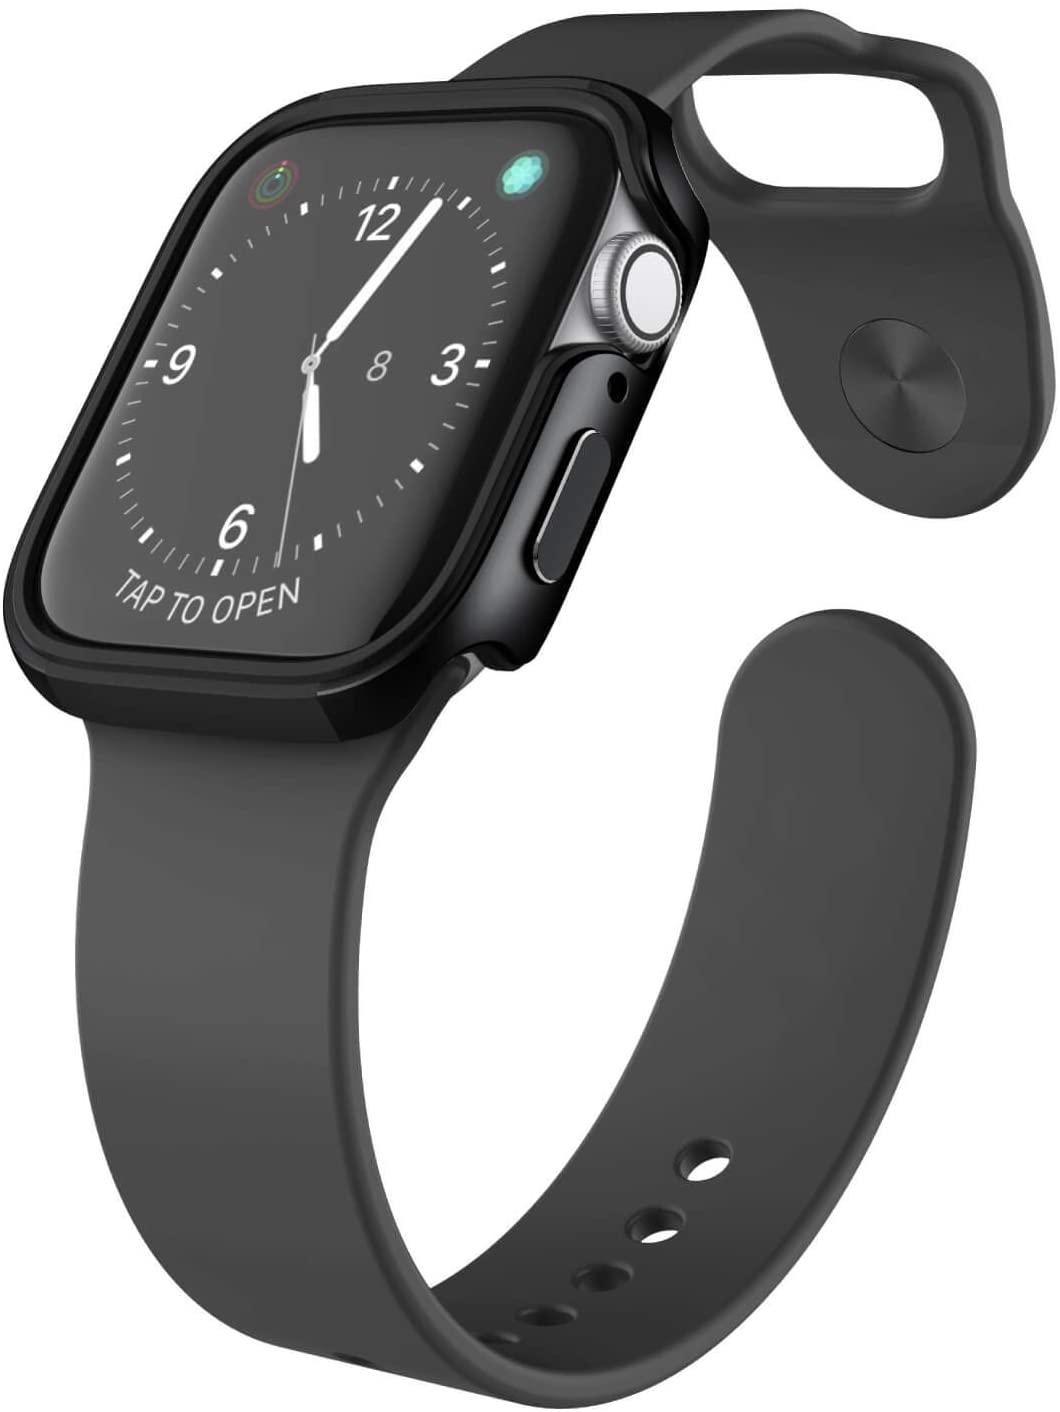 WIWU 44mm Apple Watch Premium Aluminum & TPU Bumper case